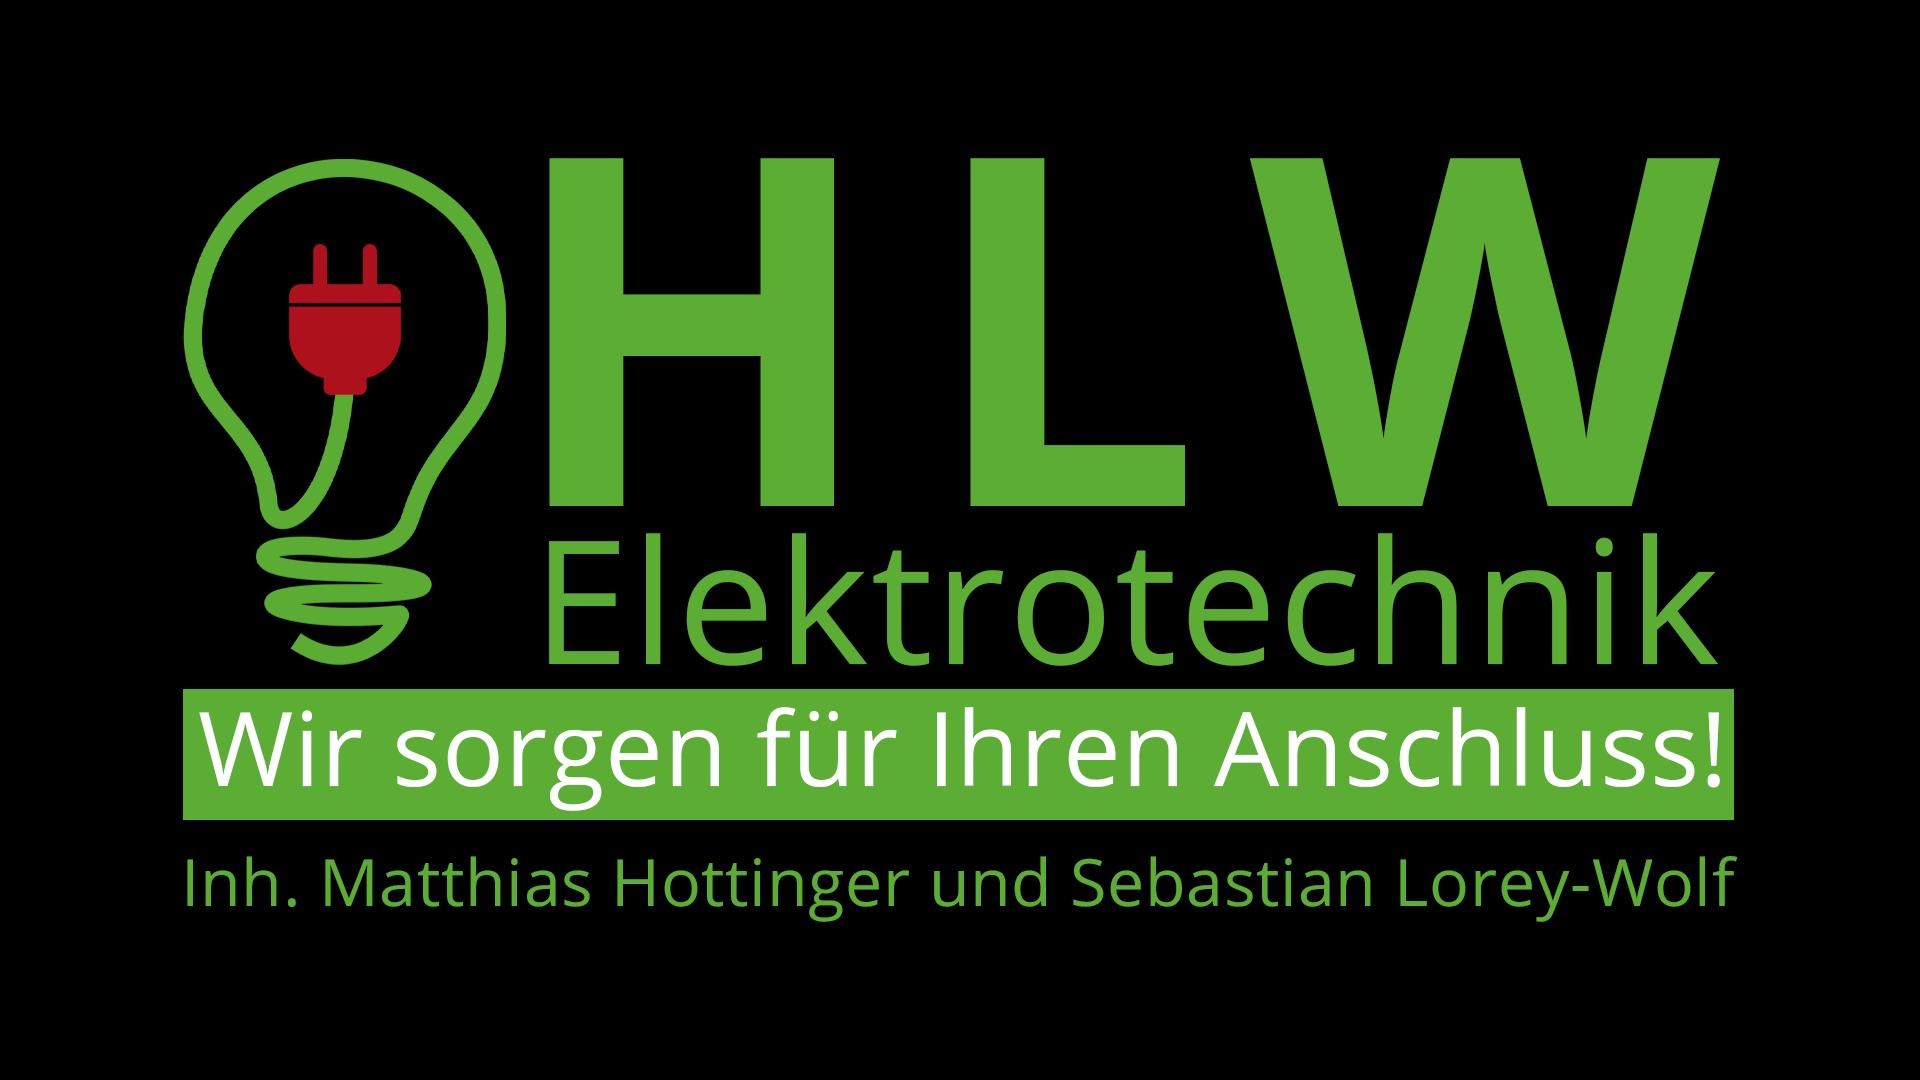 HLW Elektrotechnik